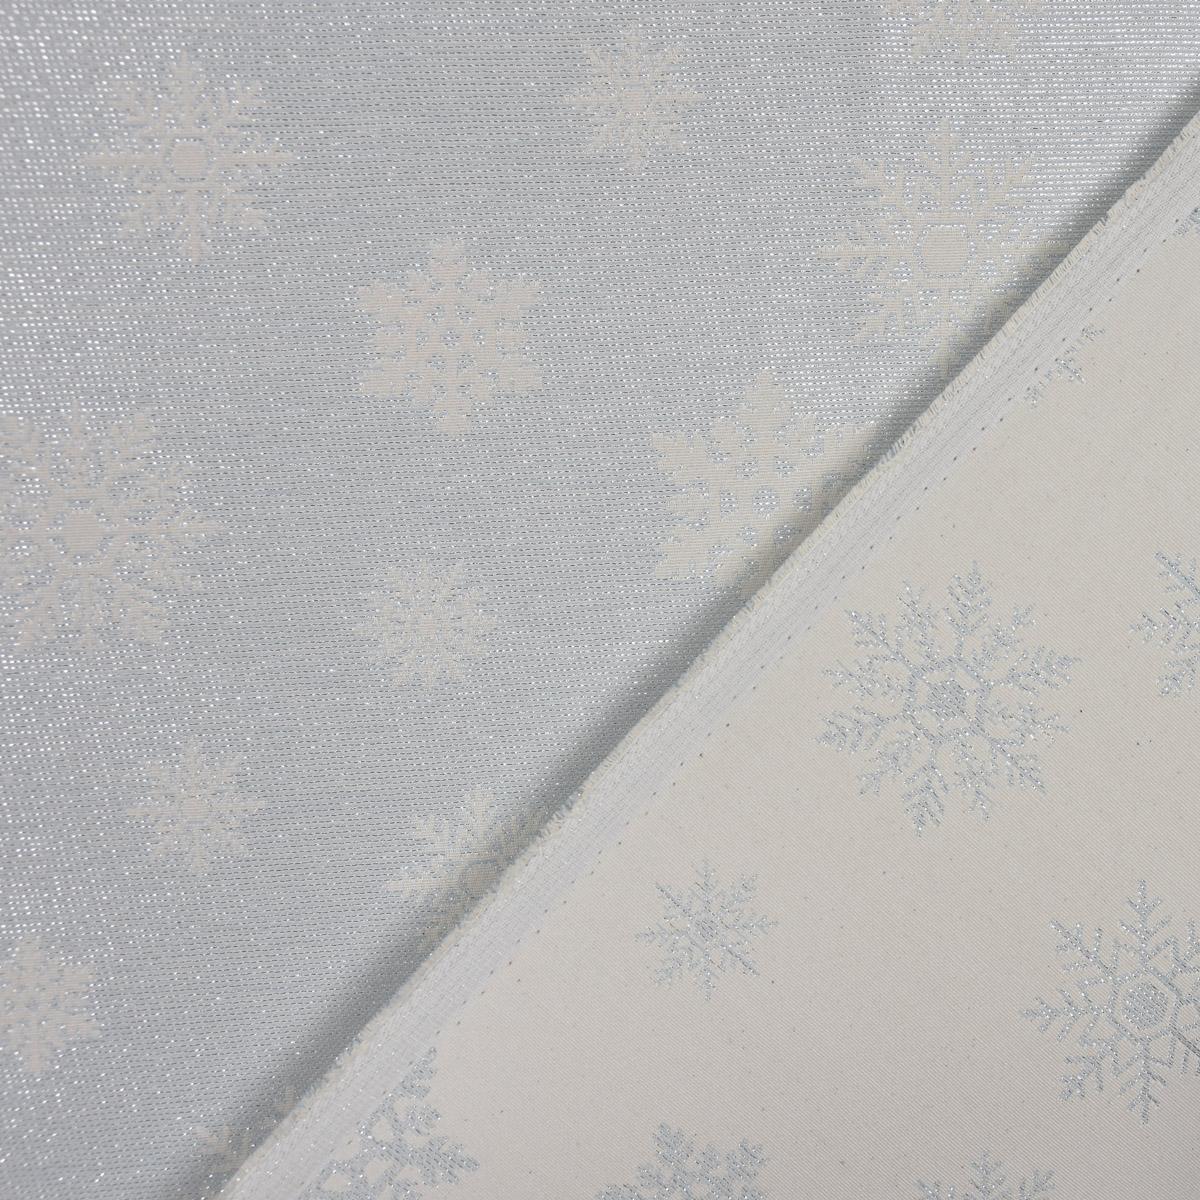 Dekostoff Jacquard Wendestoff Ice Star Schneeflocken Eiskristalle beige hellblau silberfarbig1,40m Breite